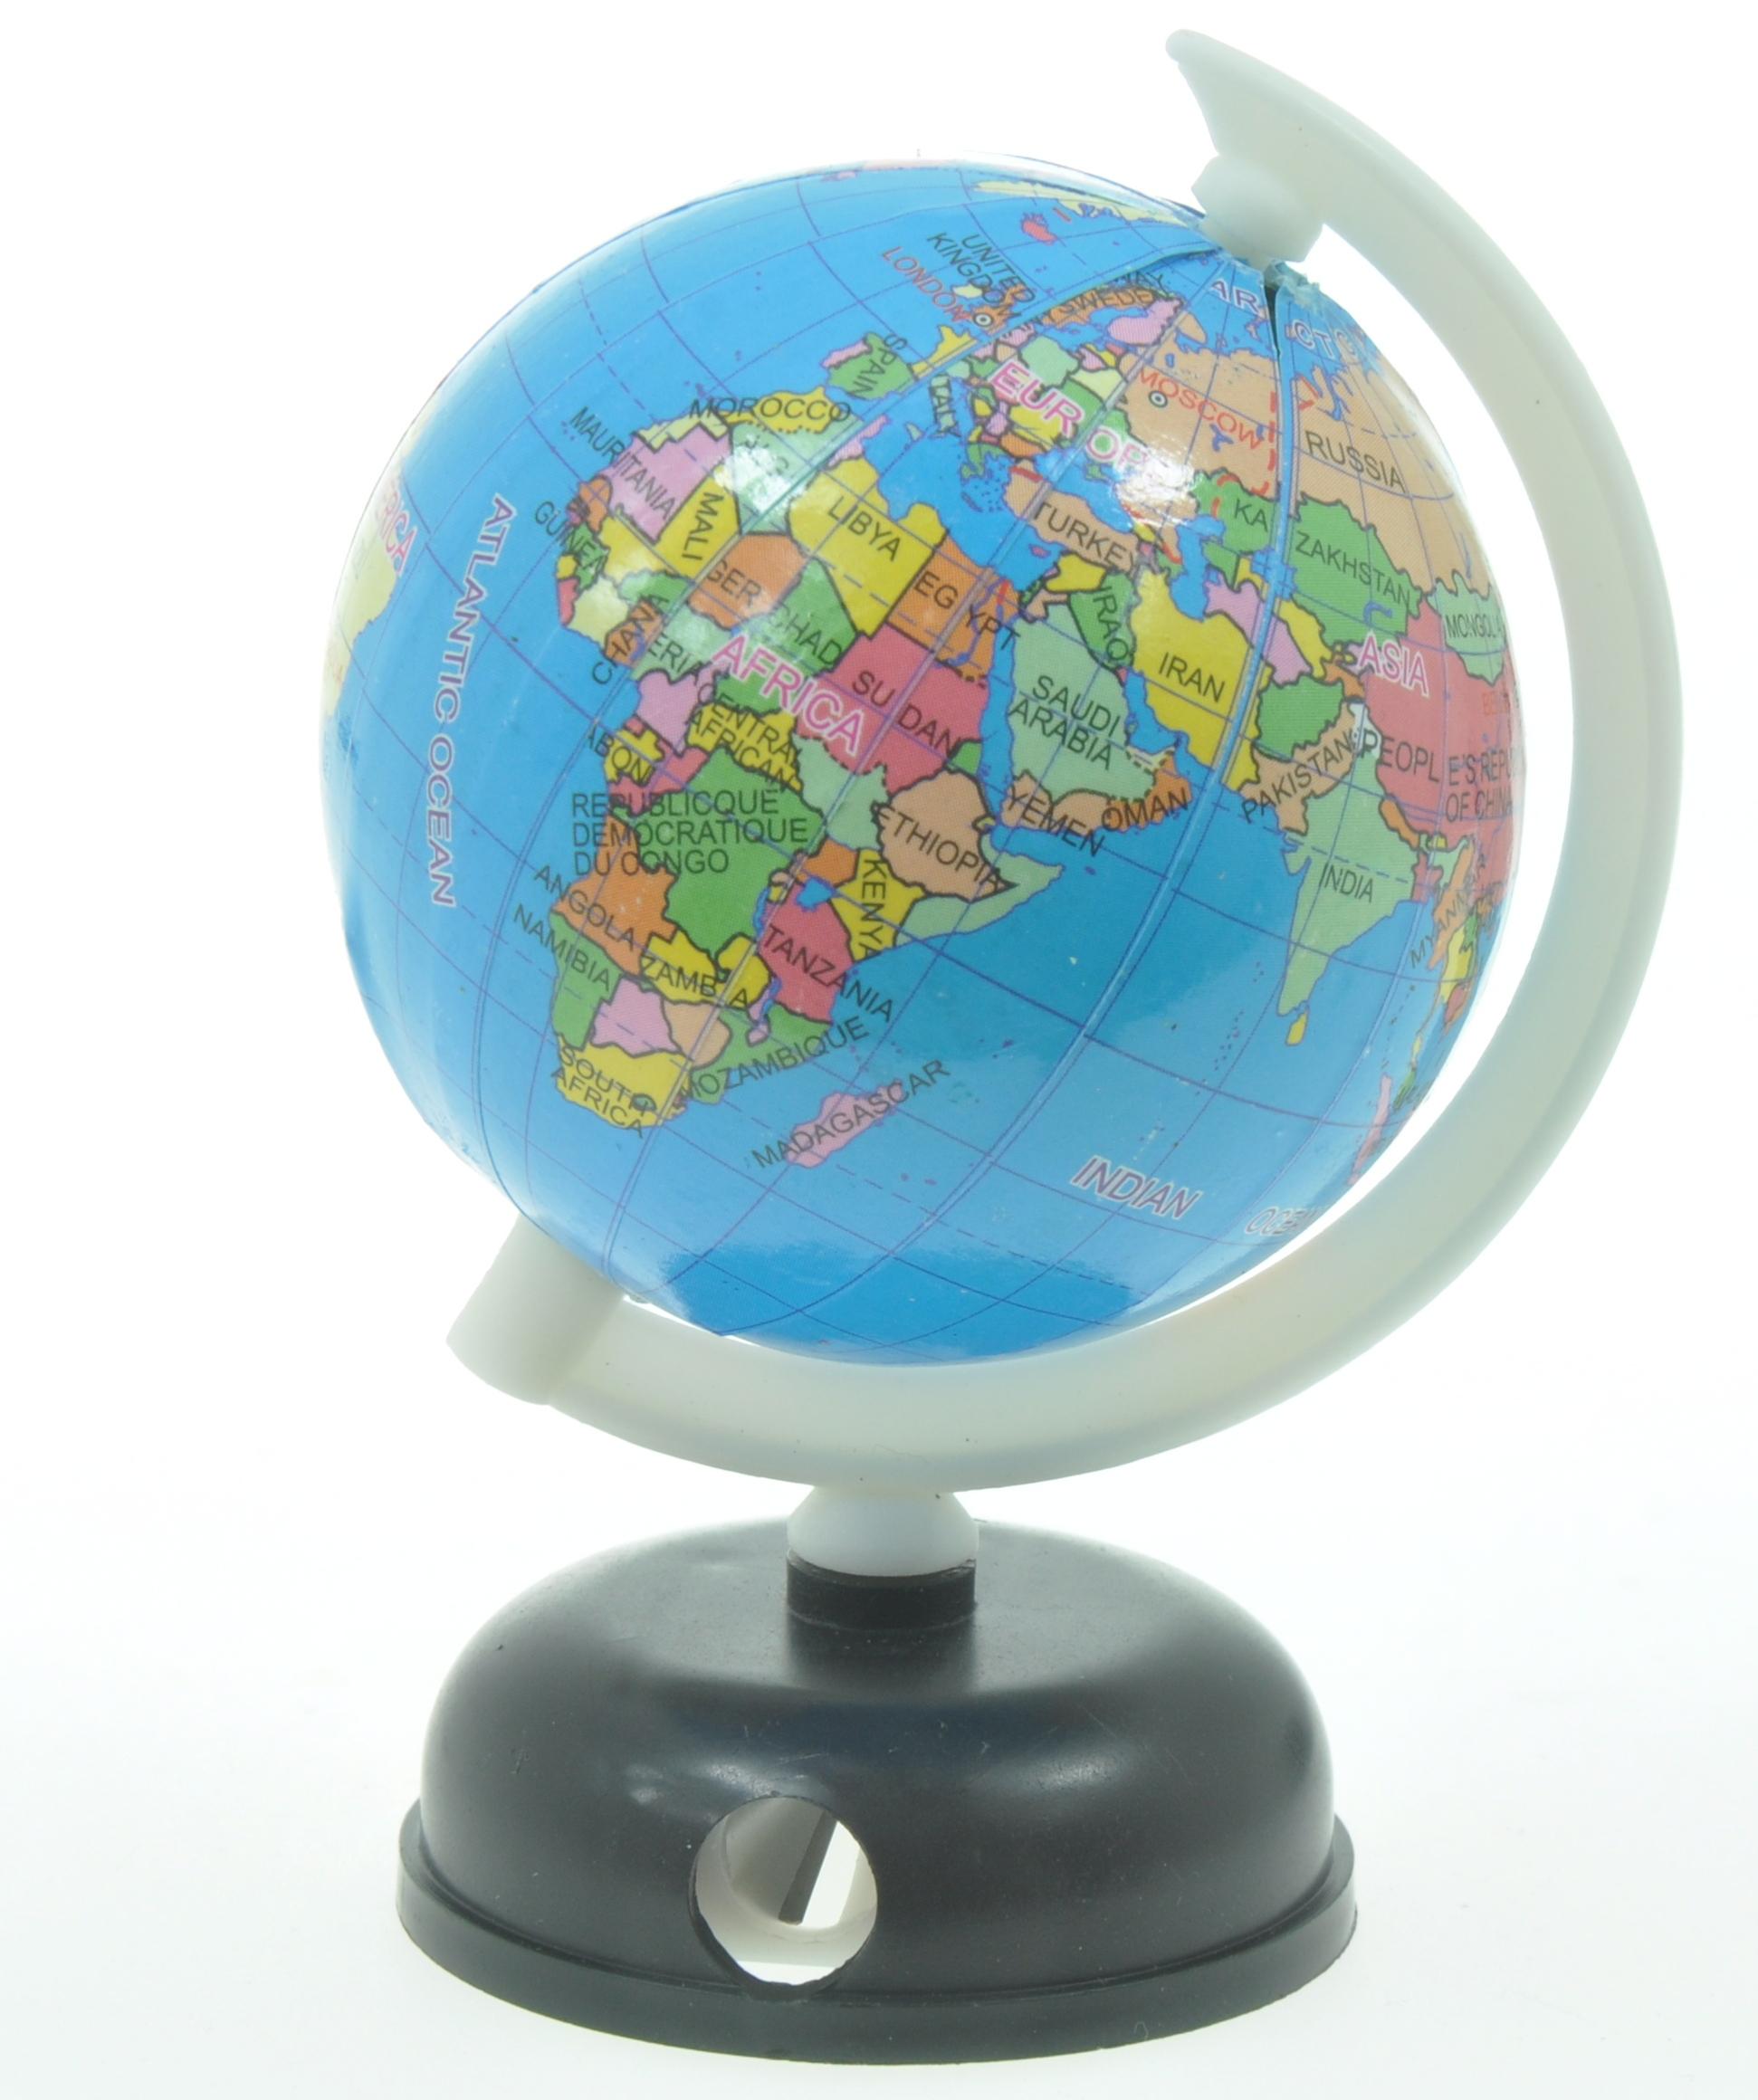 Геометрия фото симферополь глобус годы